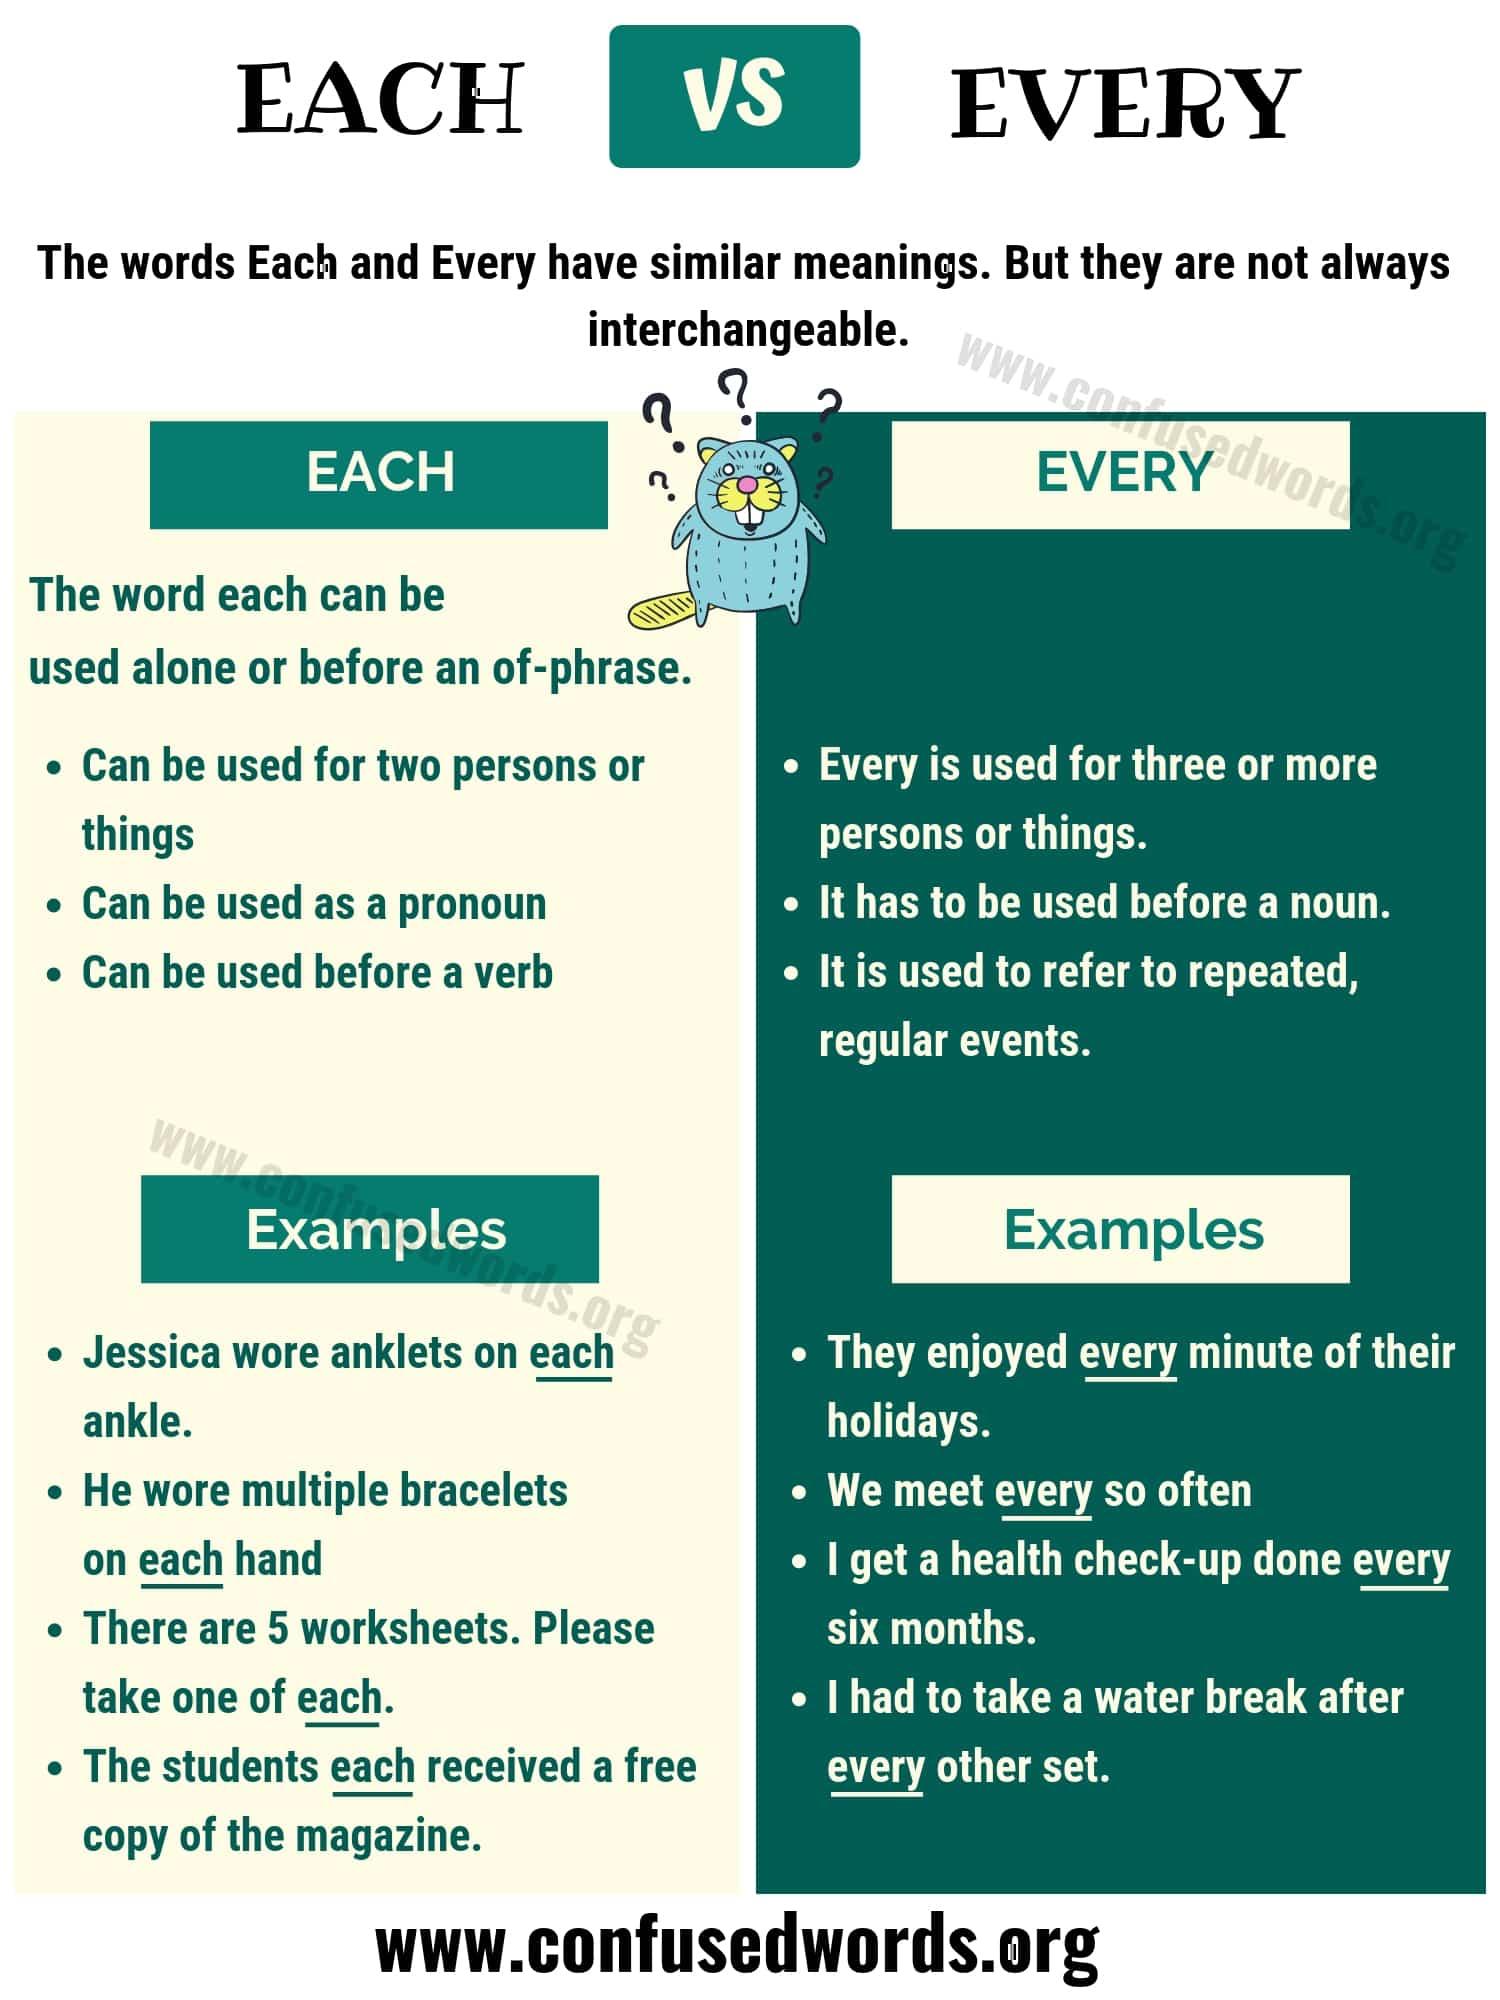 EACH vs EVERY